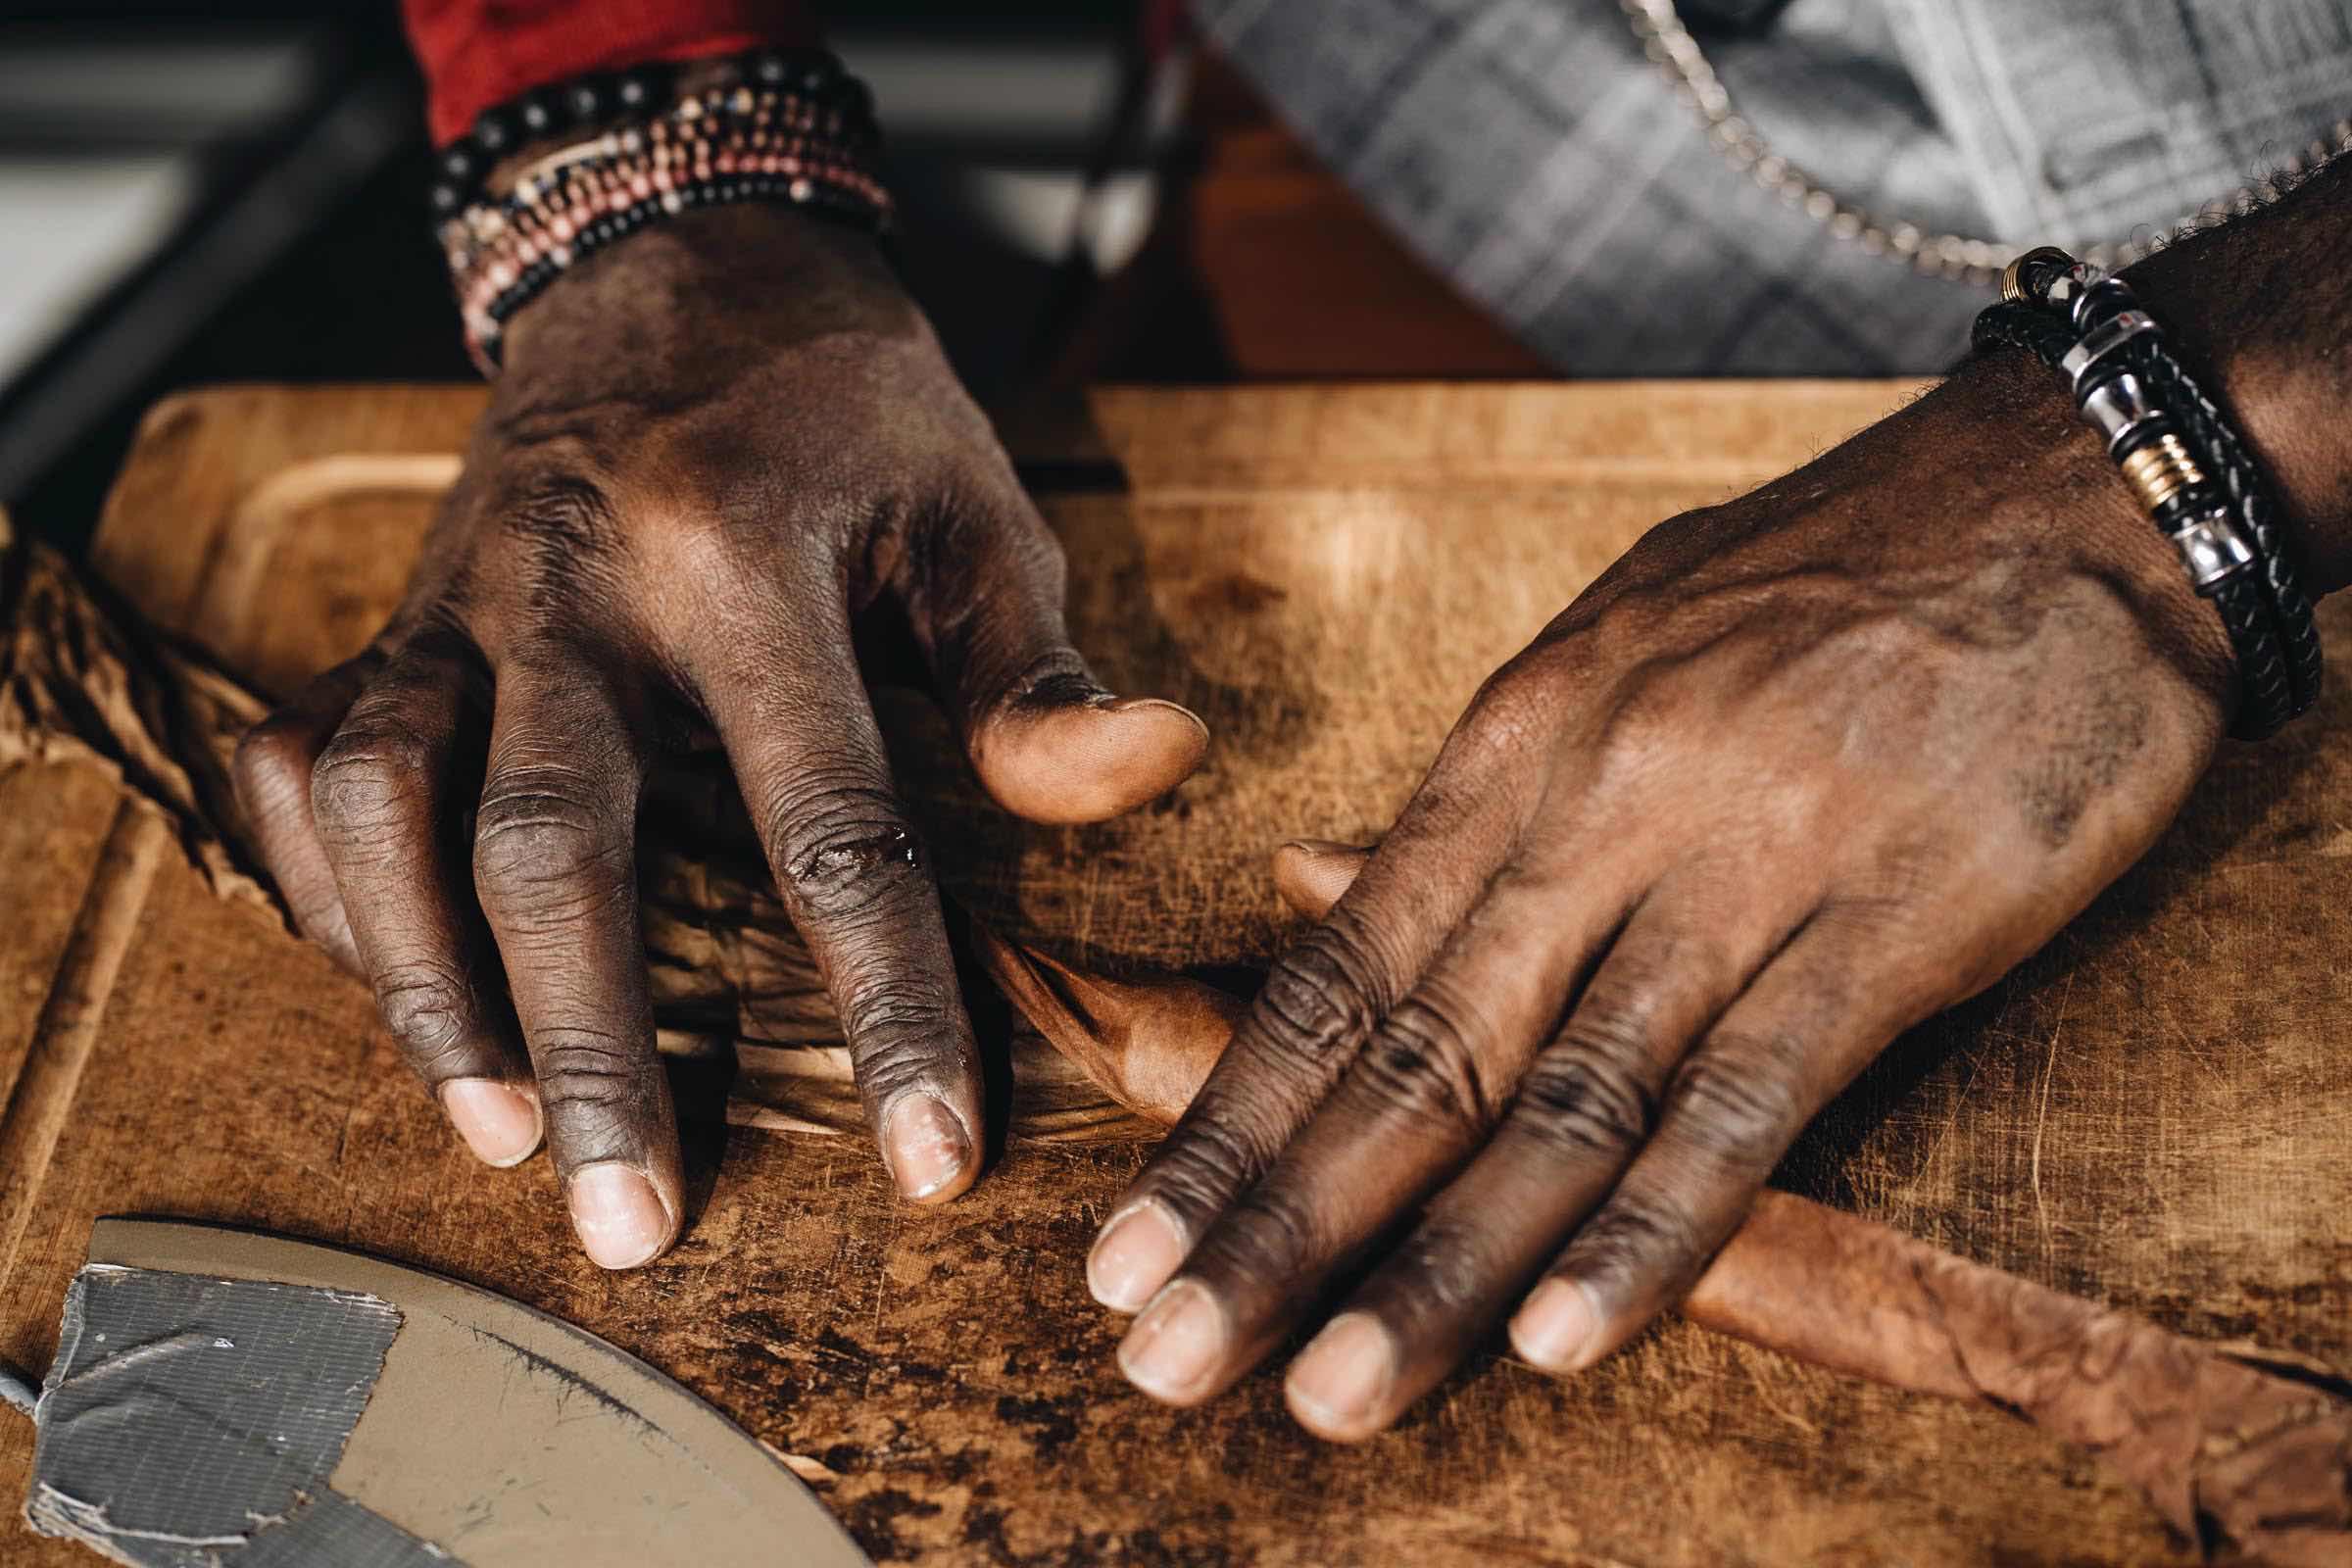 Zigarrendreher | Hamburg | Zigarren | Drehen | Hamburg | Feiert | Zigarrenroller | Zigarrenrollerin | Zigarrendreherin | Mieten | Anfragen | Trocadero | Geschenk | Shop | Kaufen | Handgemacht | Robusto | Corona | Longfiller